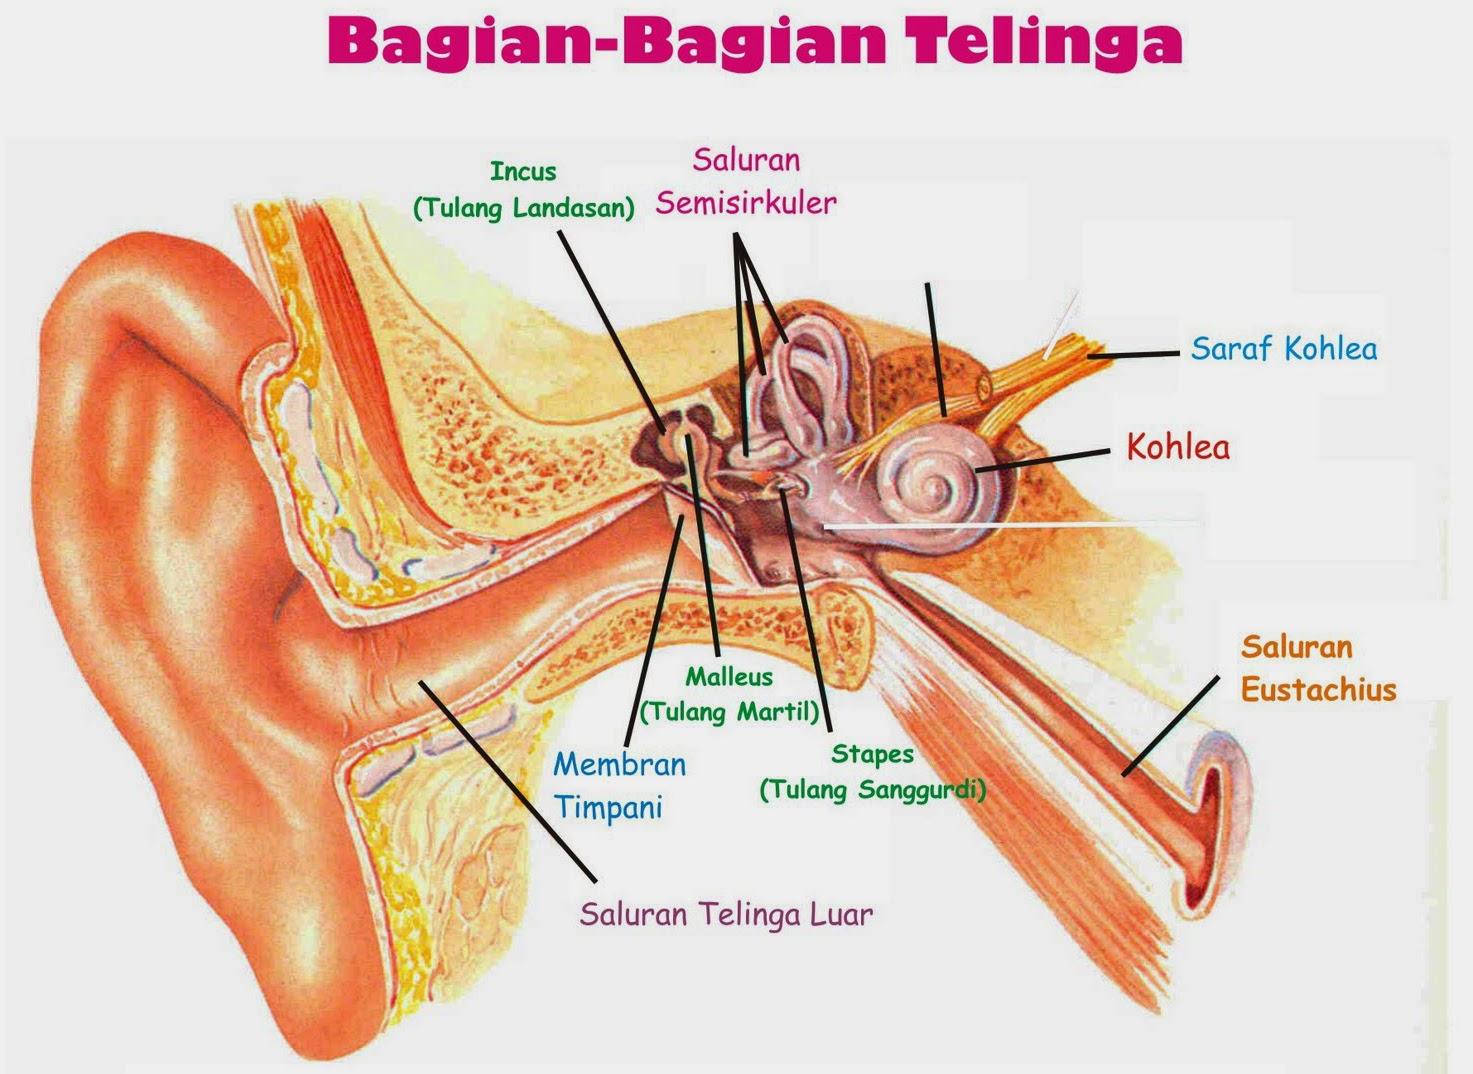 Bagian telinga luar, tengah dan dalam